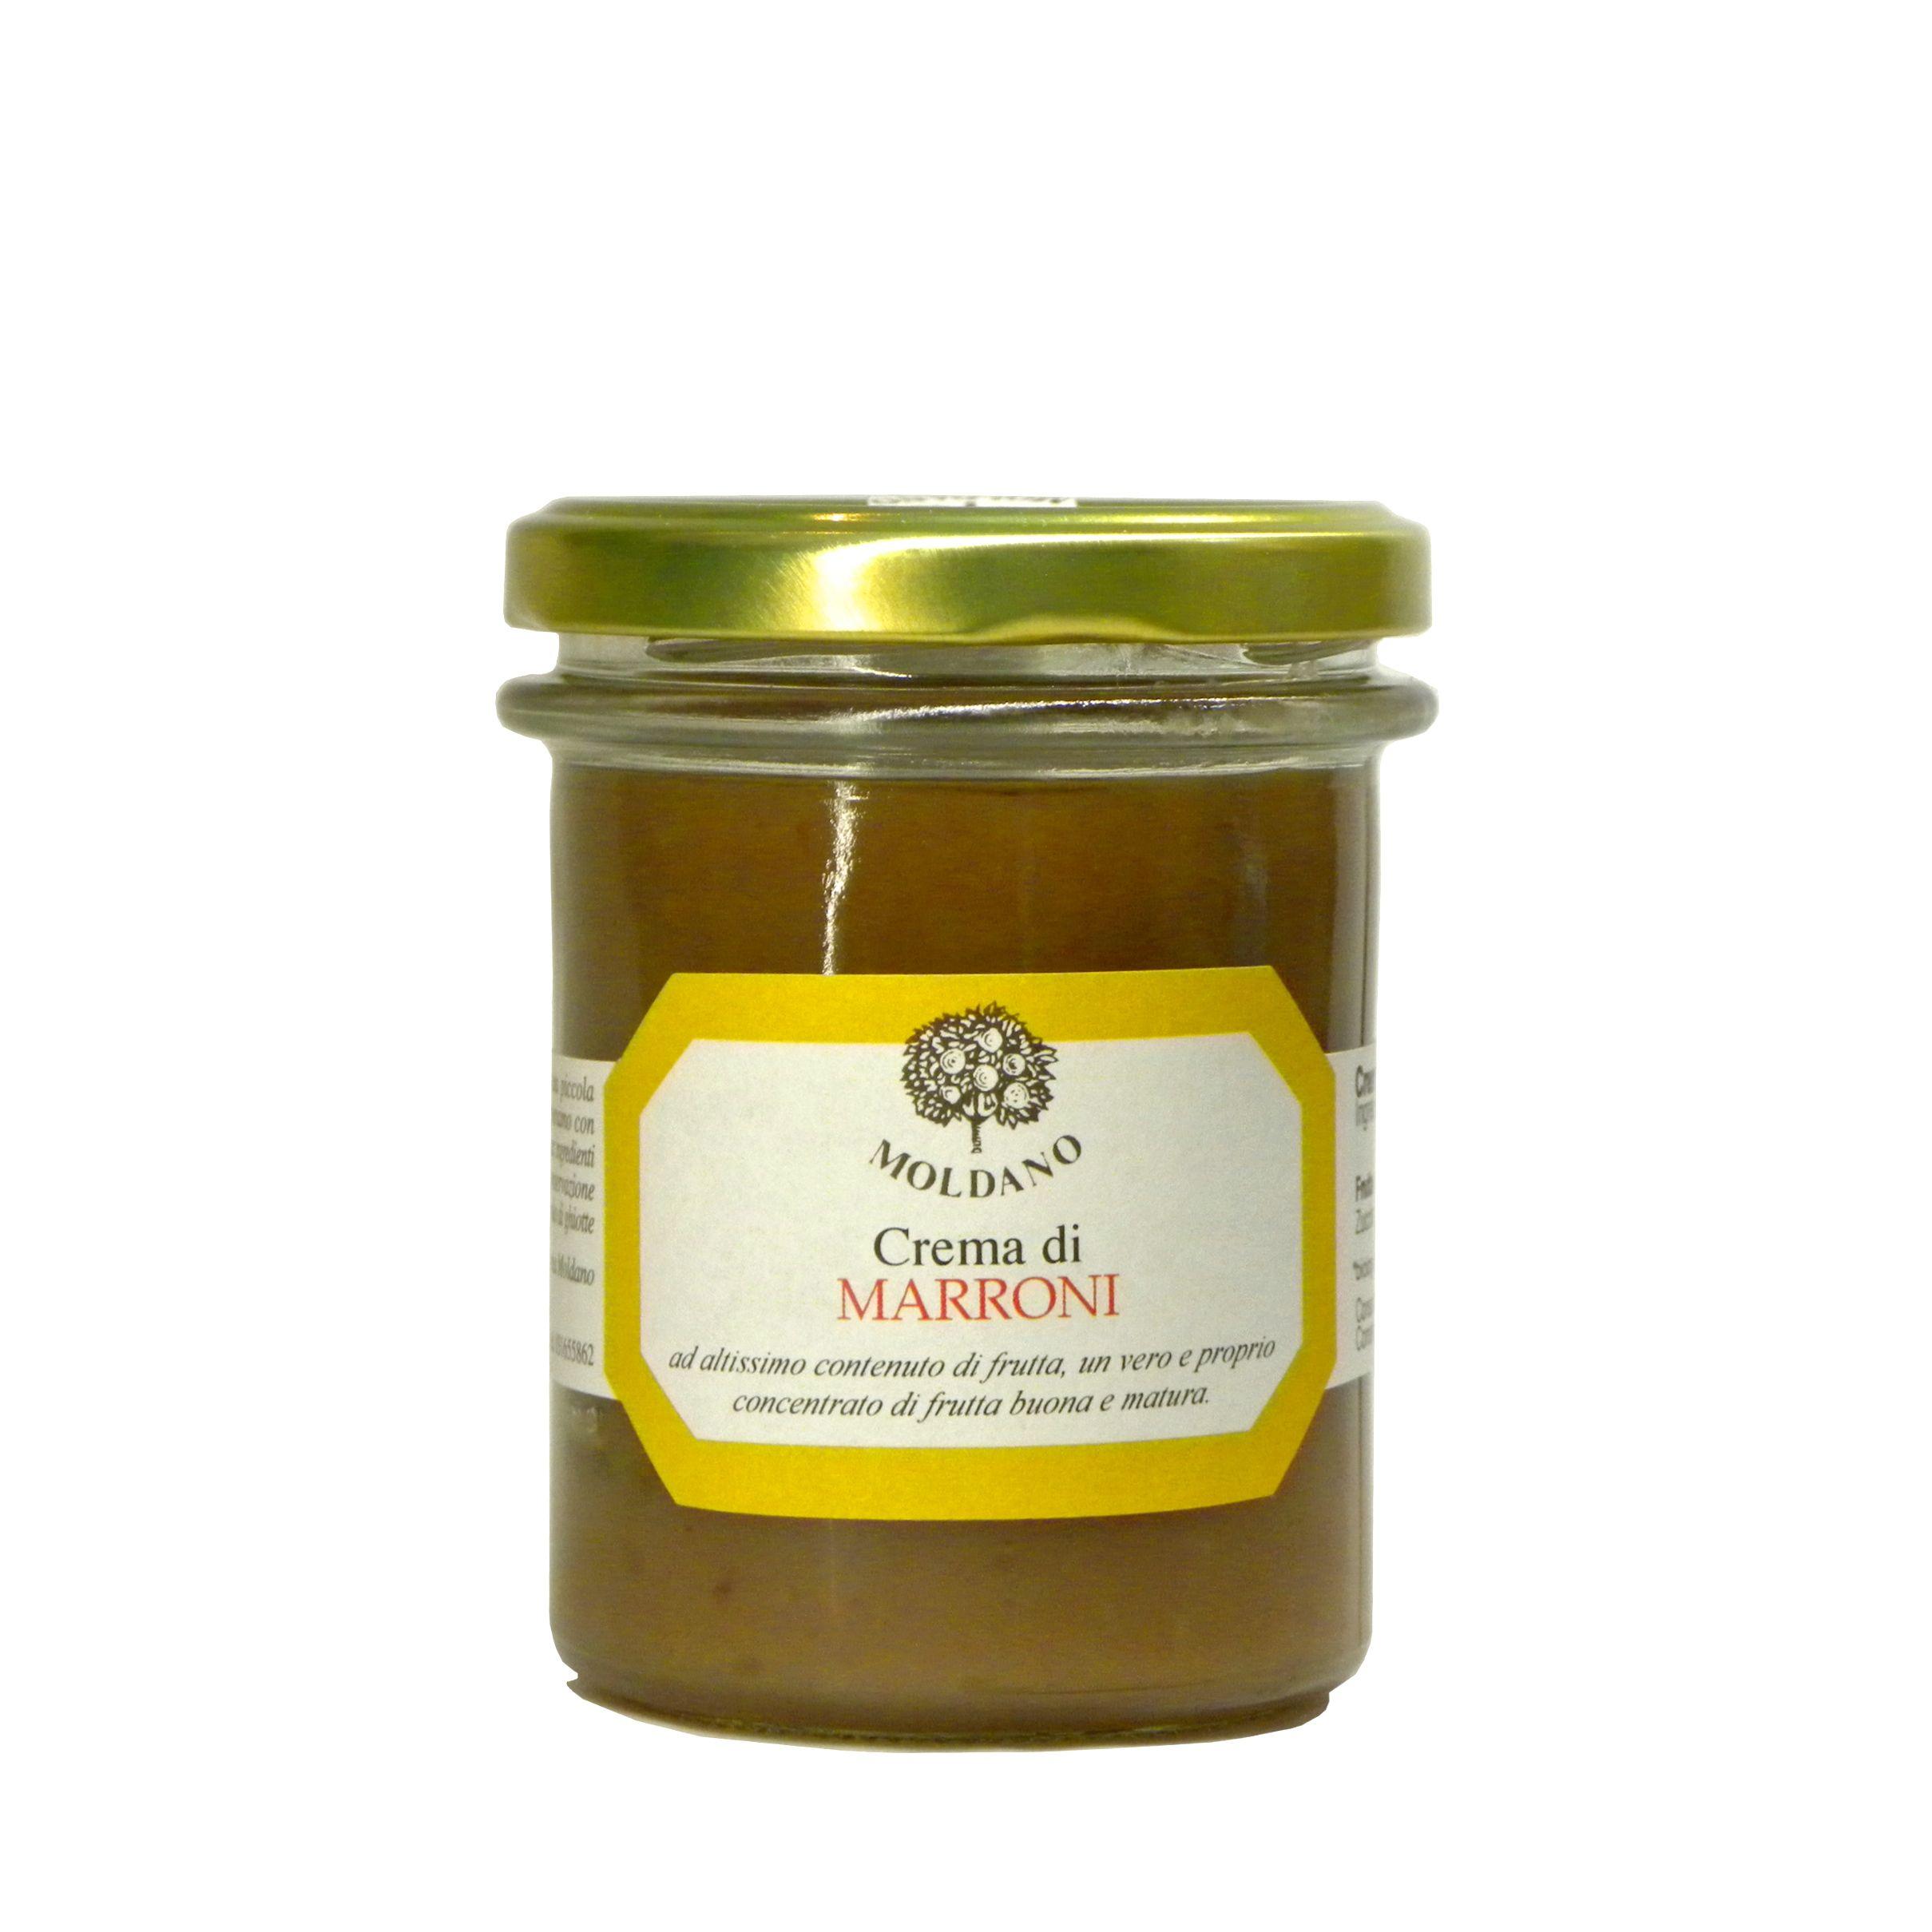 Crema di Marroni Fattoria Moldano – Chestnut Cream – Gustorotondo – Italian Food Boutique